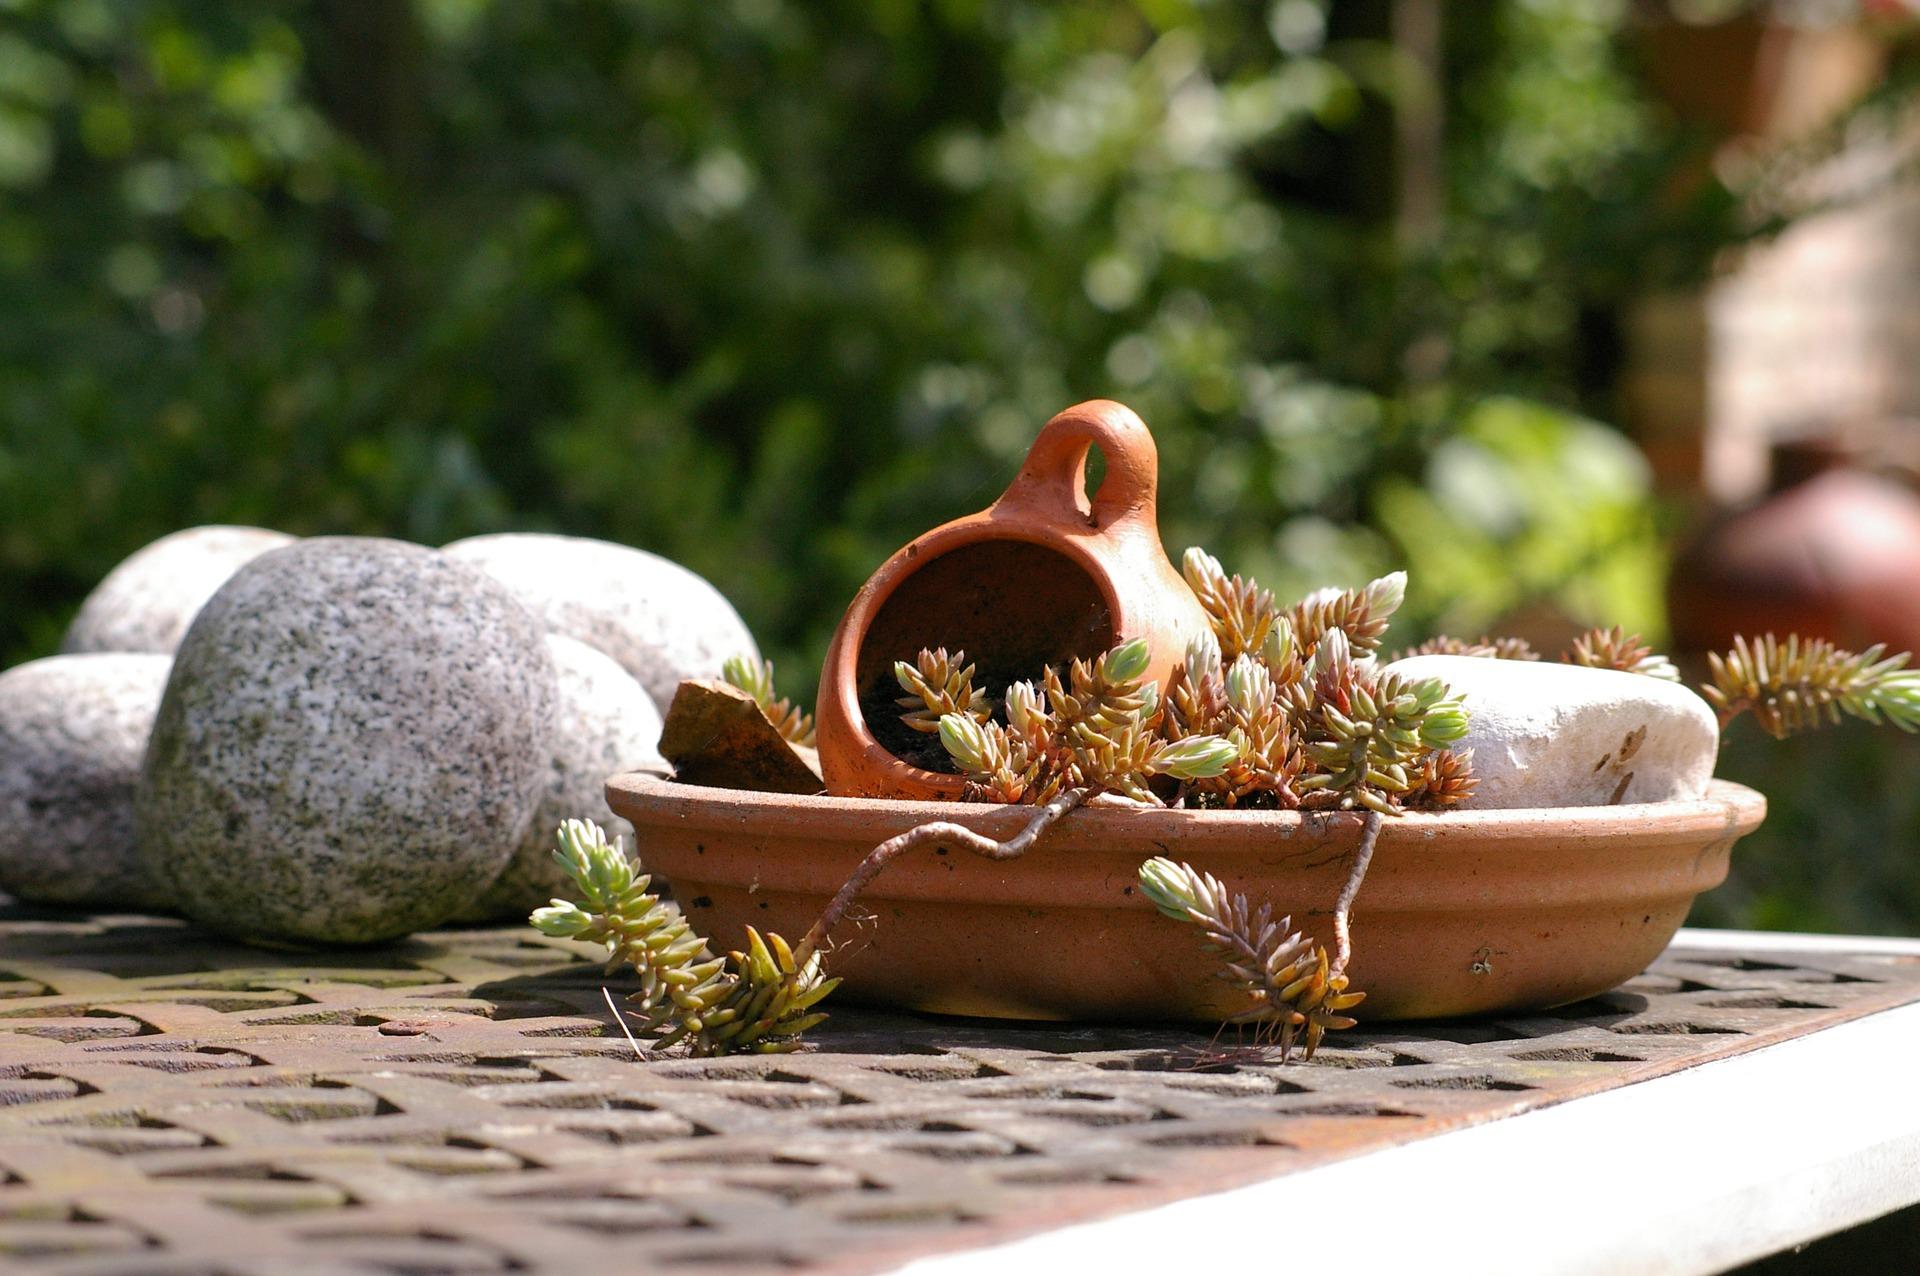 Gardenscapes - Les 10 Astuces Pour Remporter la Victoire à Tous les Niveaux